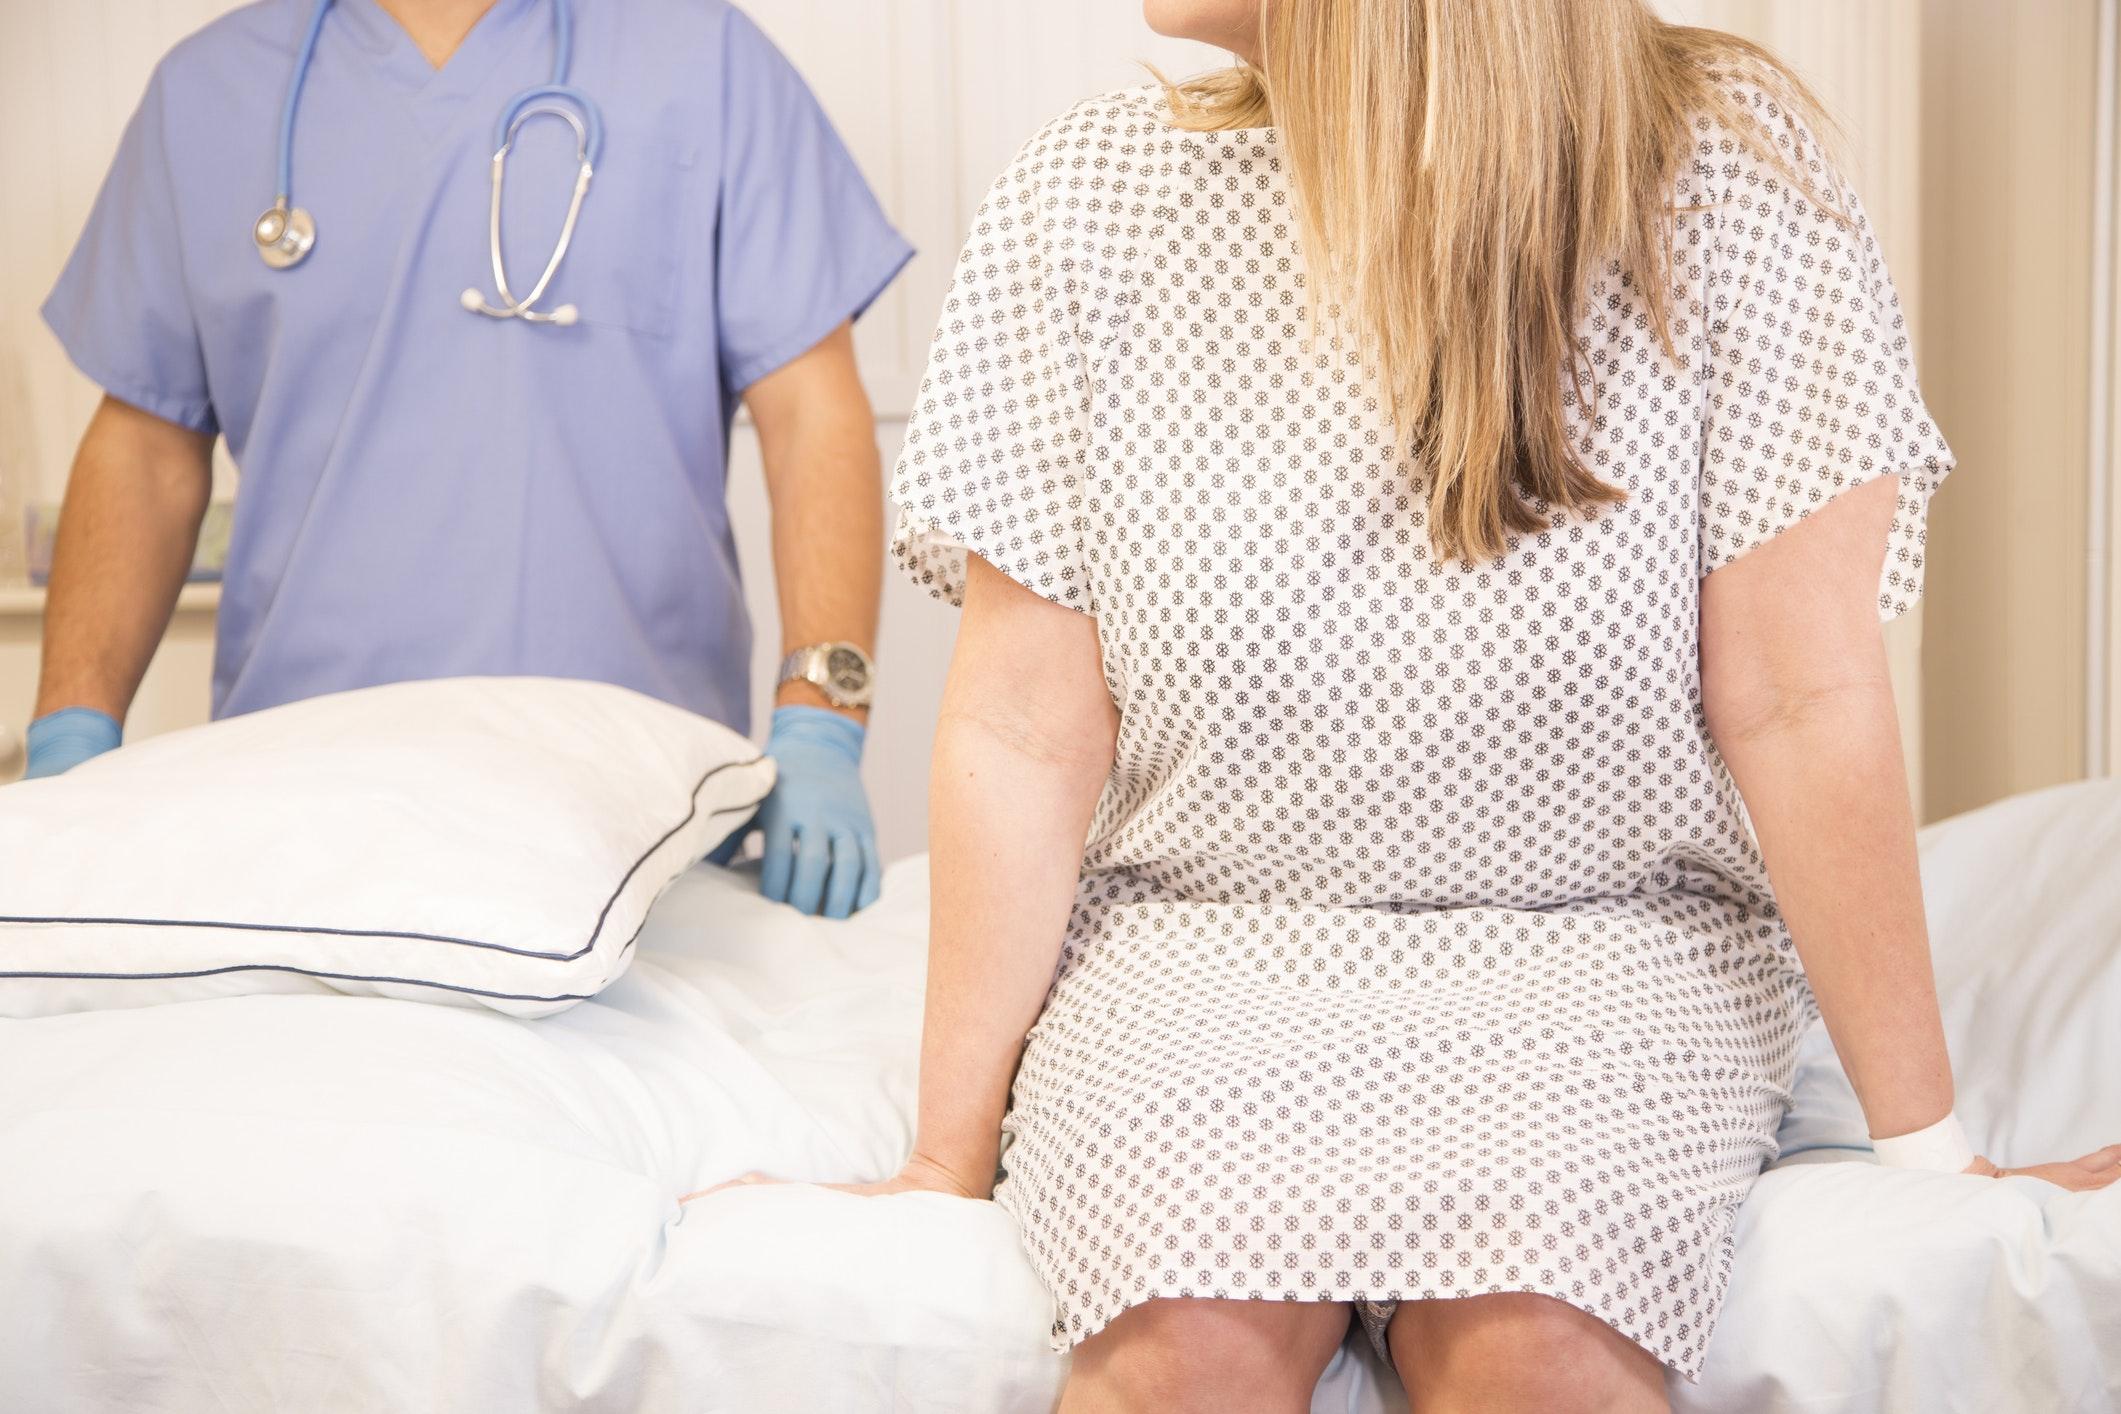 Les grossesses à risque en augmentation